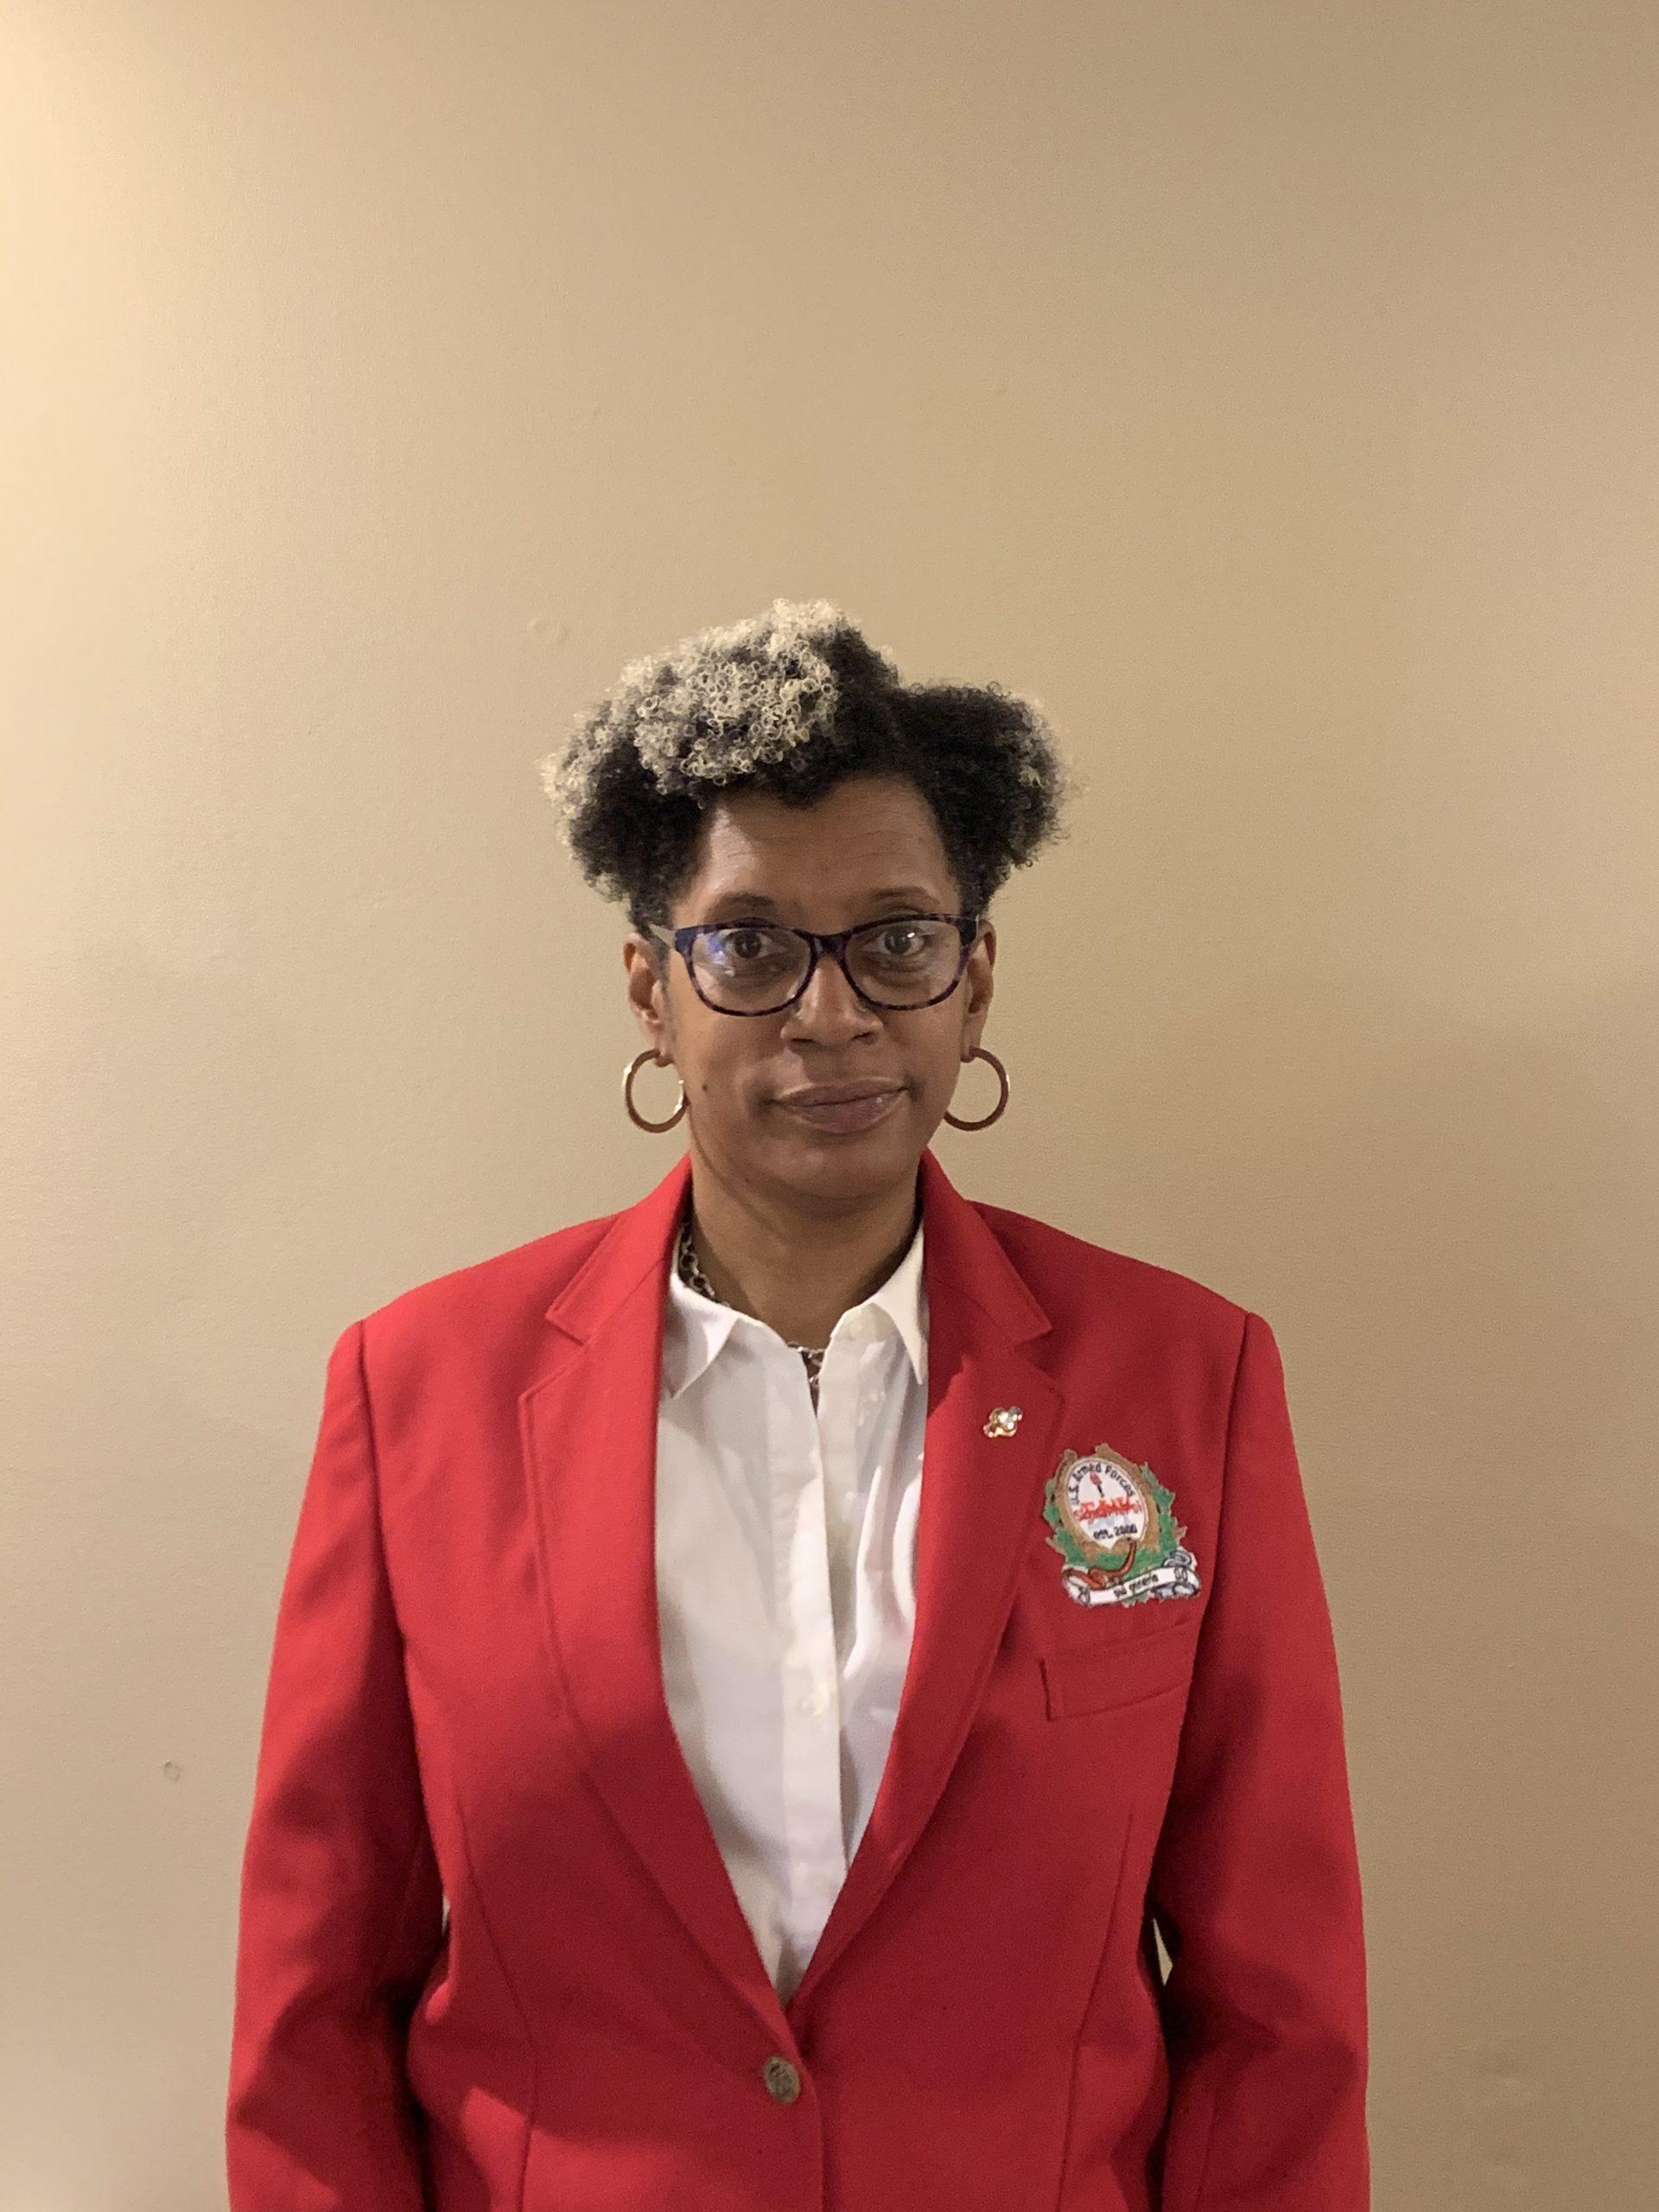 Public Affairs Officer TeresaKay Milner